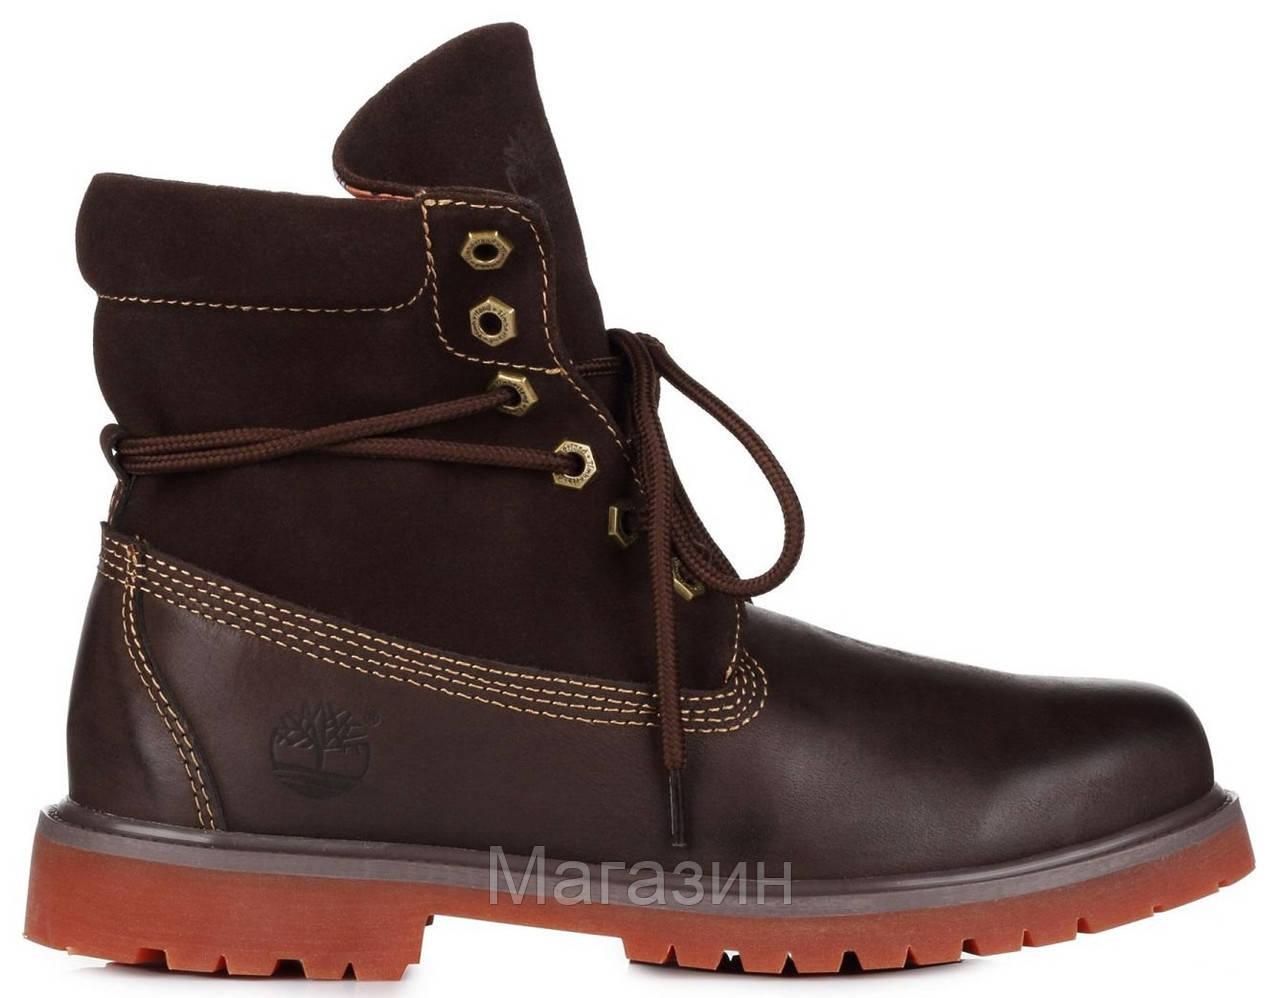 Мужские ботинки Timberland Roll-Top Brown Тимберленд коричневые